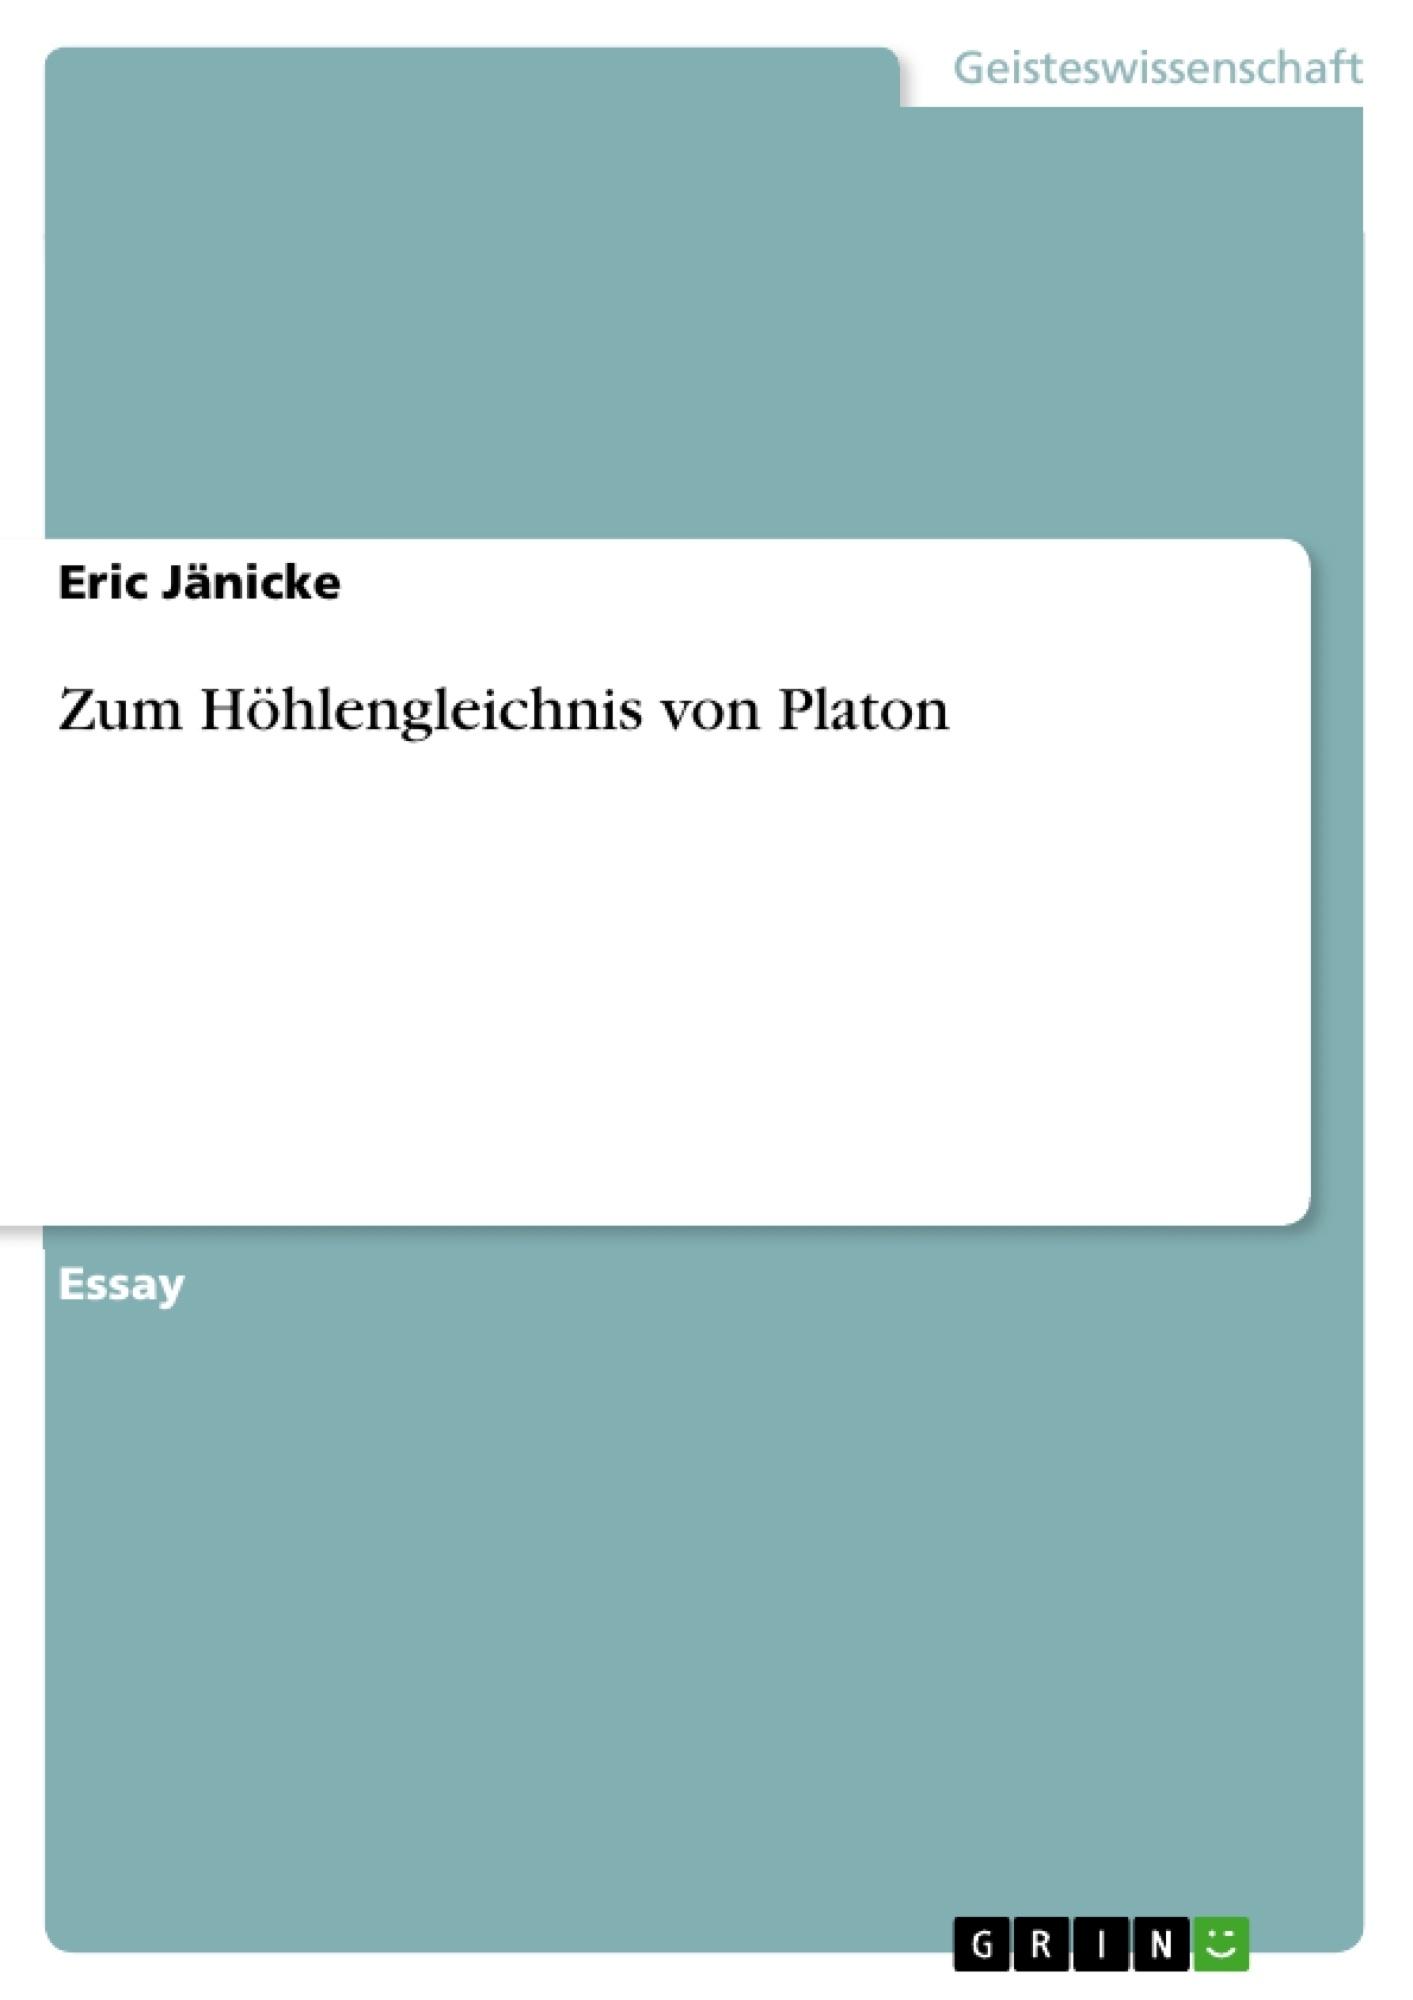 Titel: Zum Höhlengleichnis von Platon